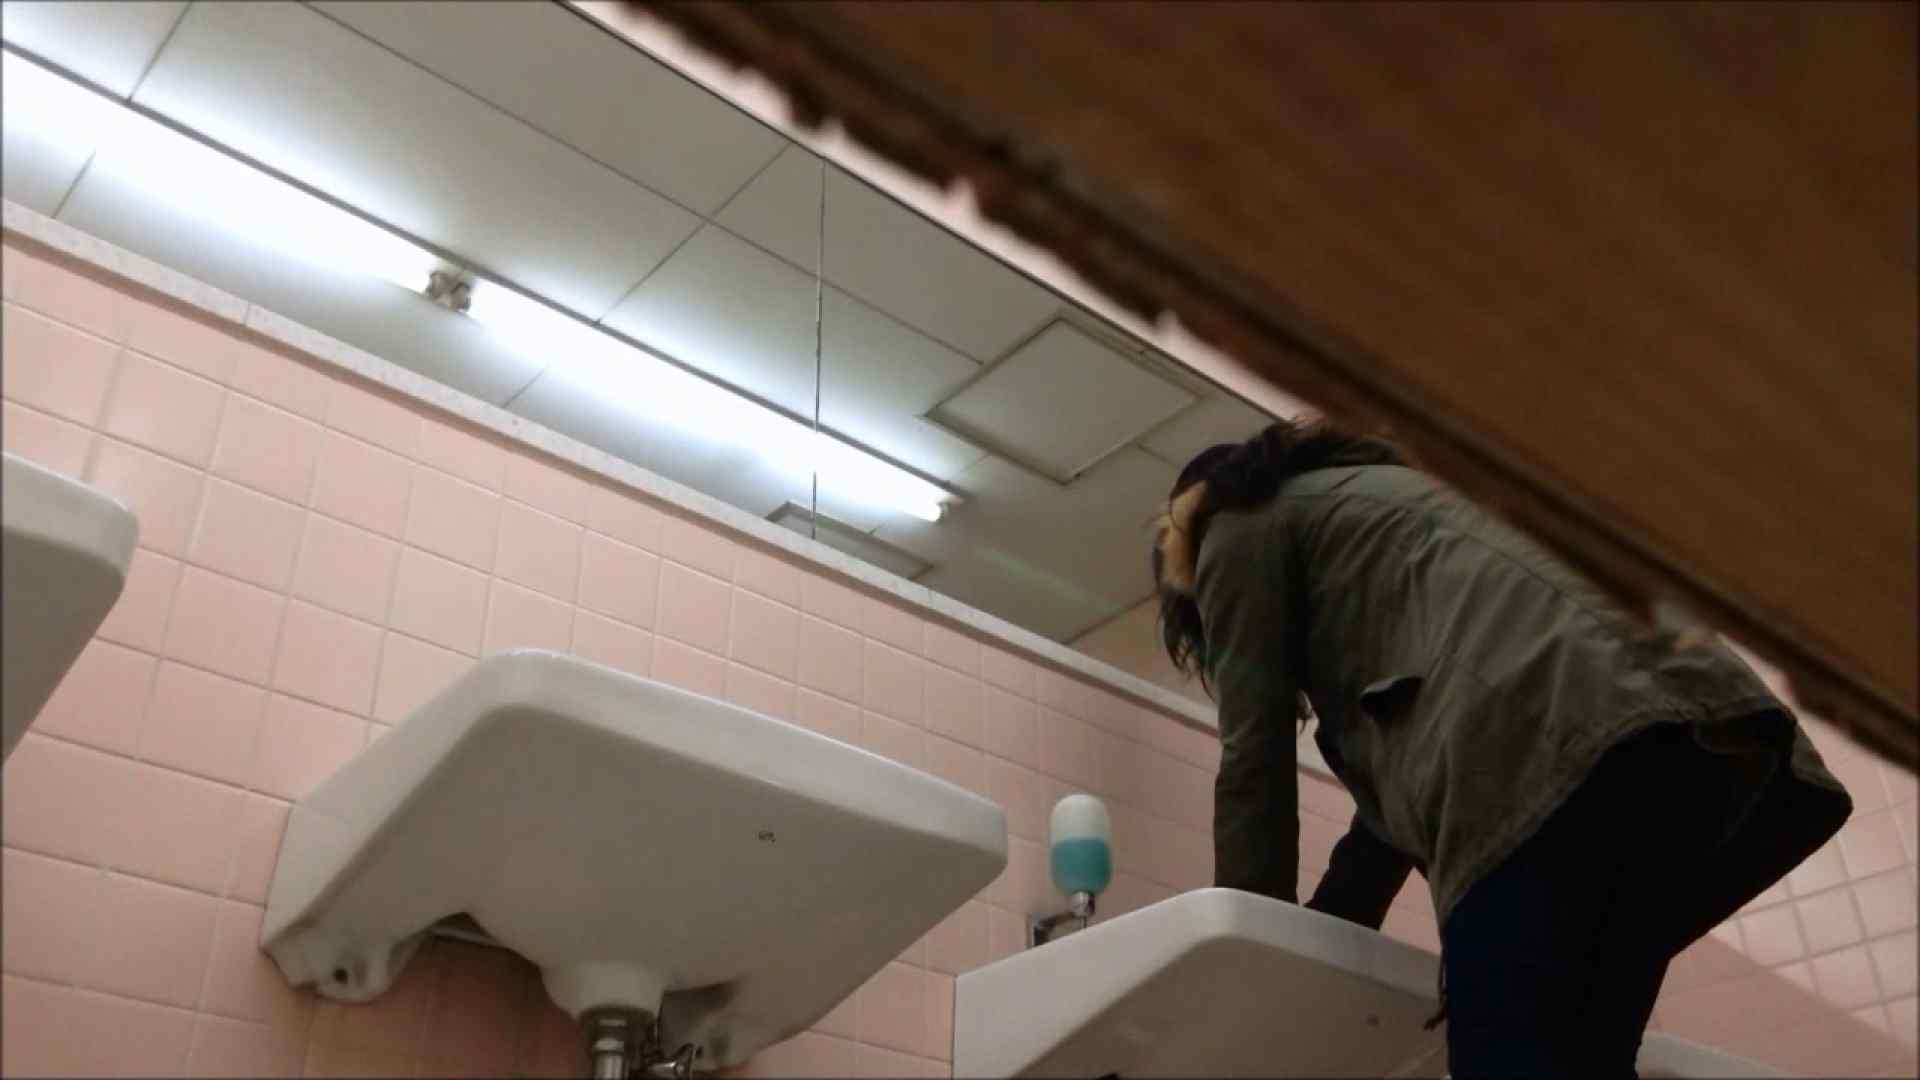 某有名大学女性洗面所 vol.10 投稿 オマンコ動画キャプチャ 52PIX 5